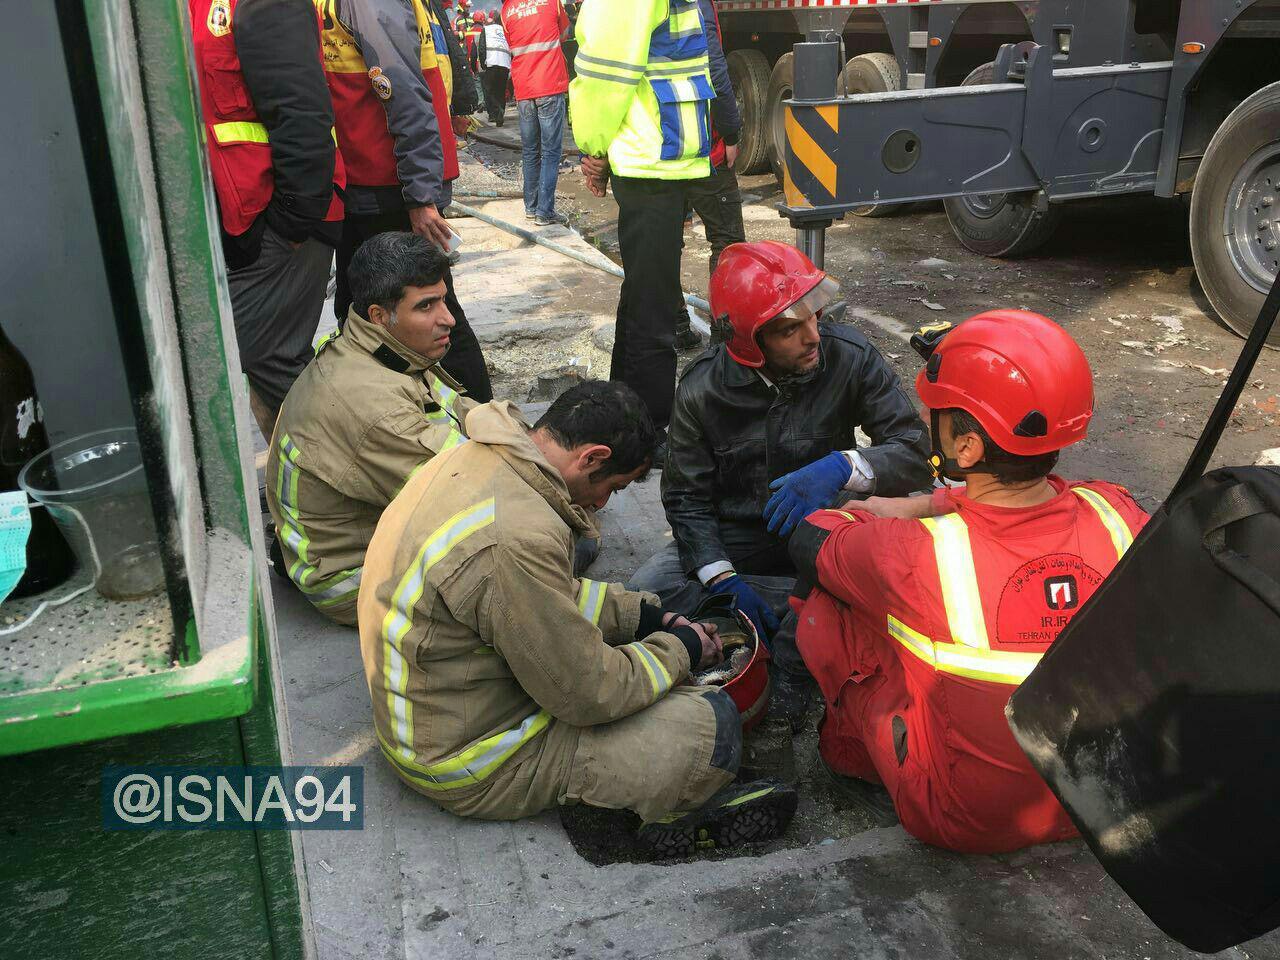 عکس/آتش نشانان خسته در حاشیه آواربرداری حادثه پلاسکو